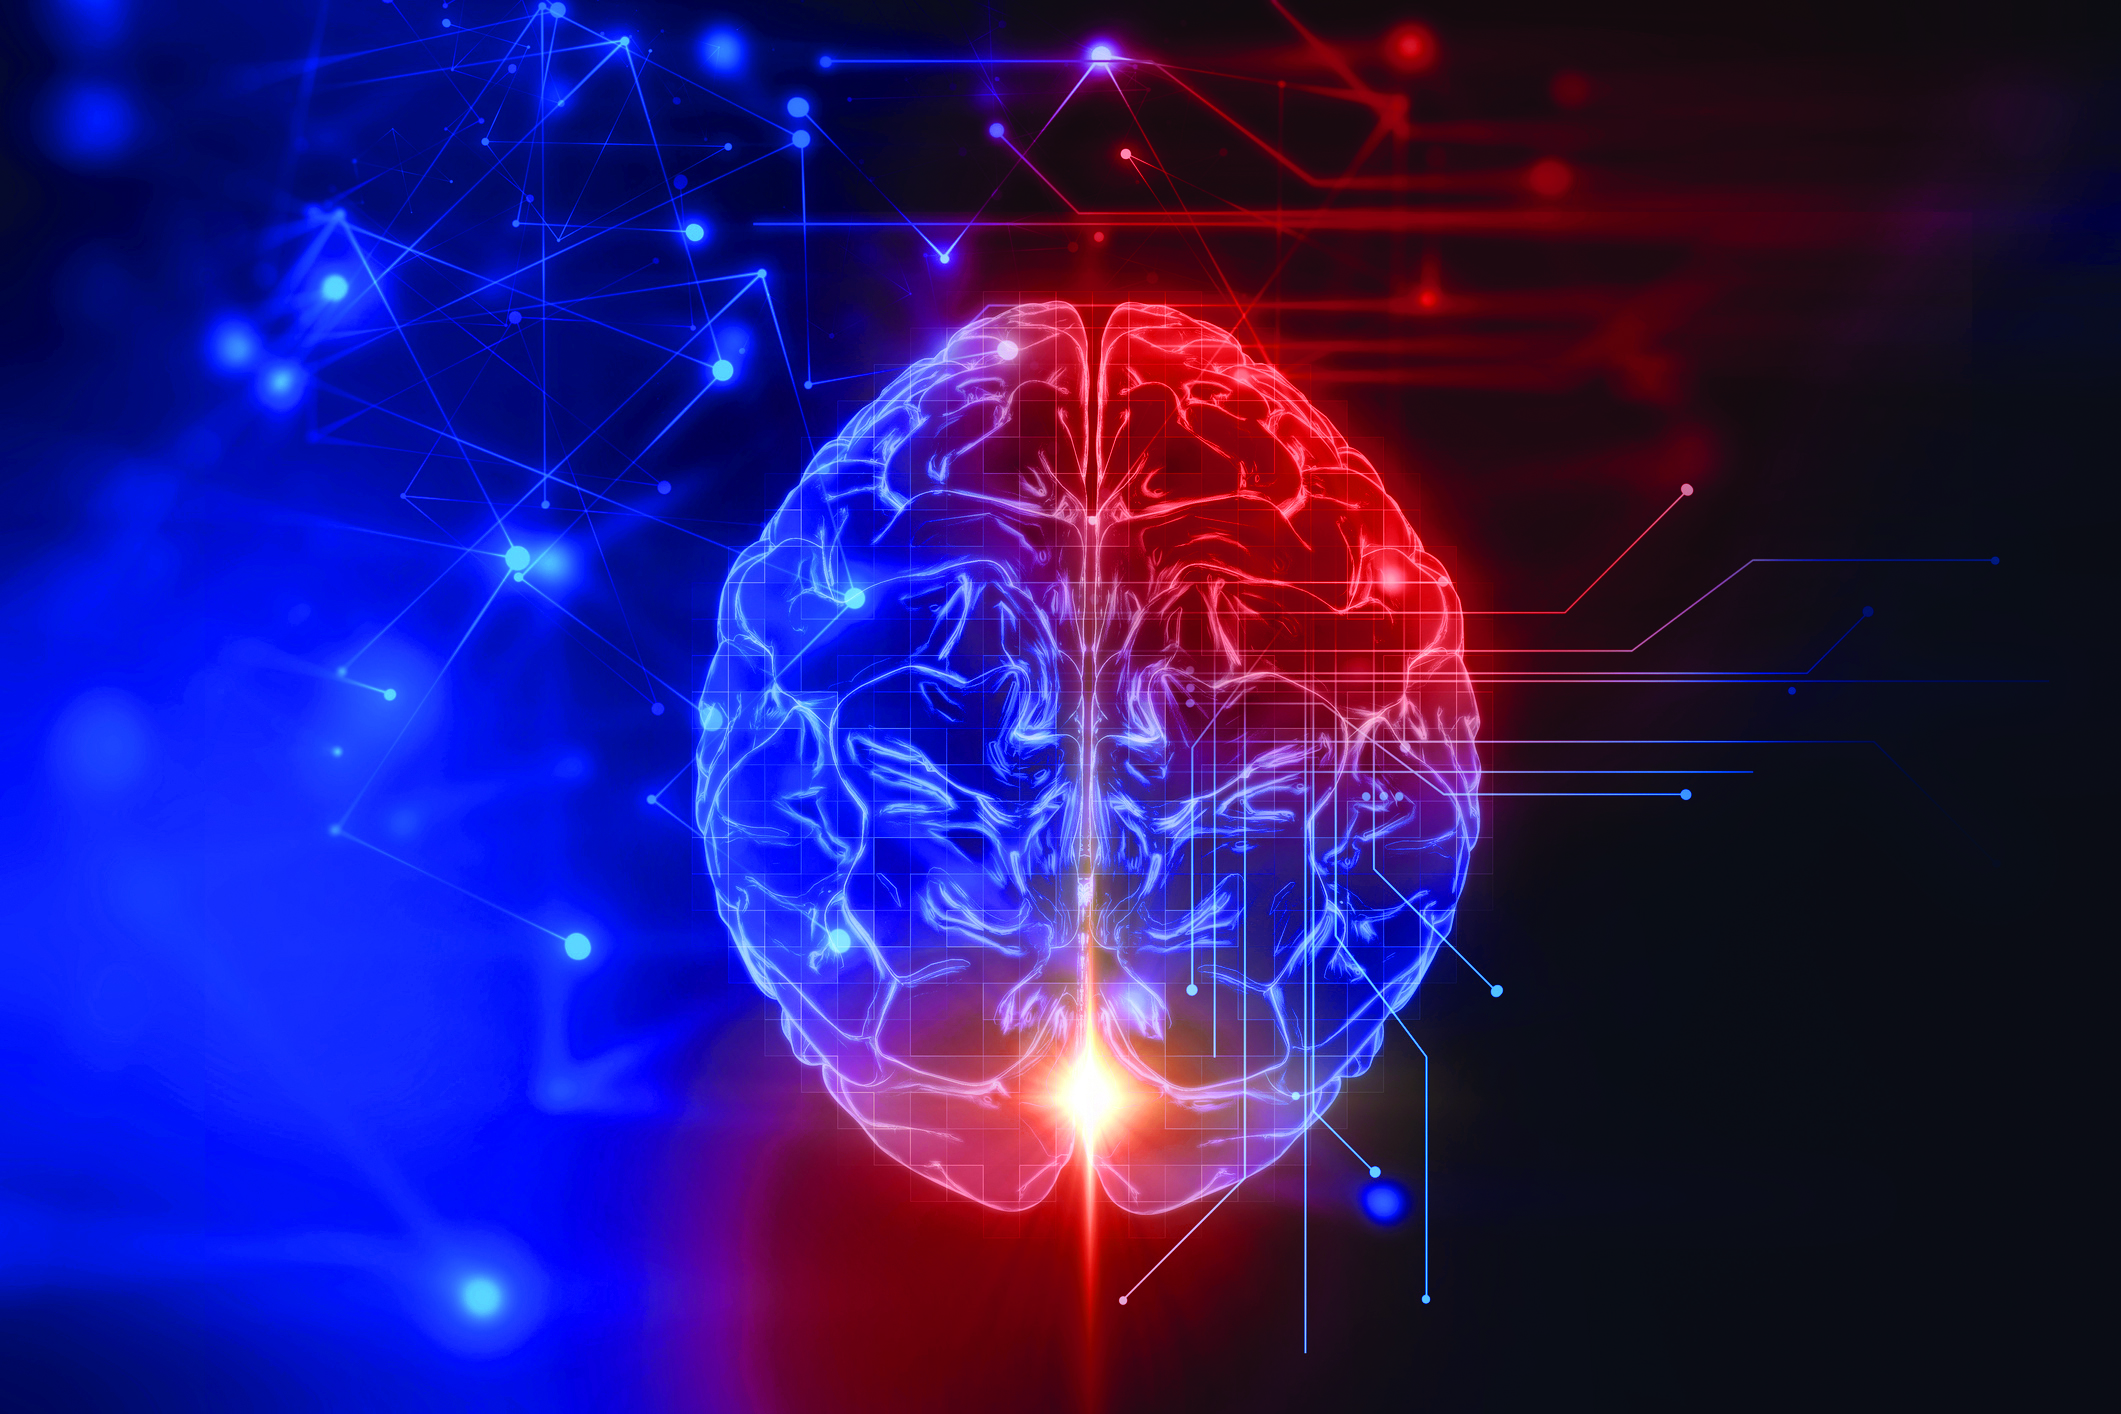 Illuminated brain illustration